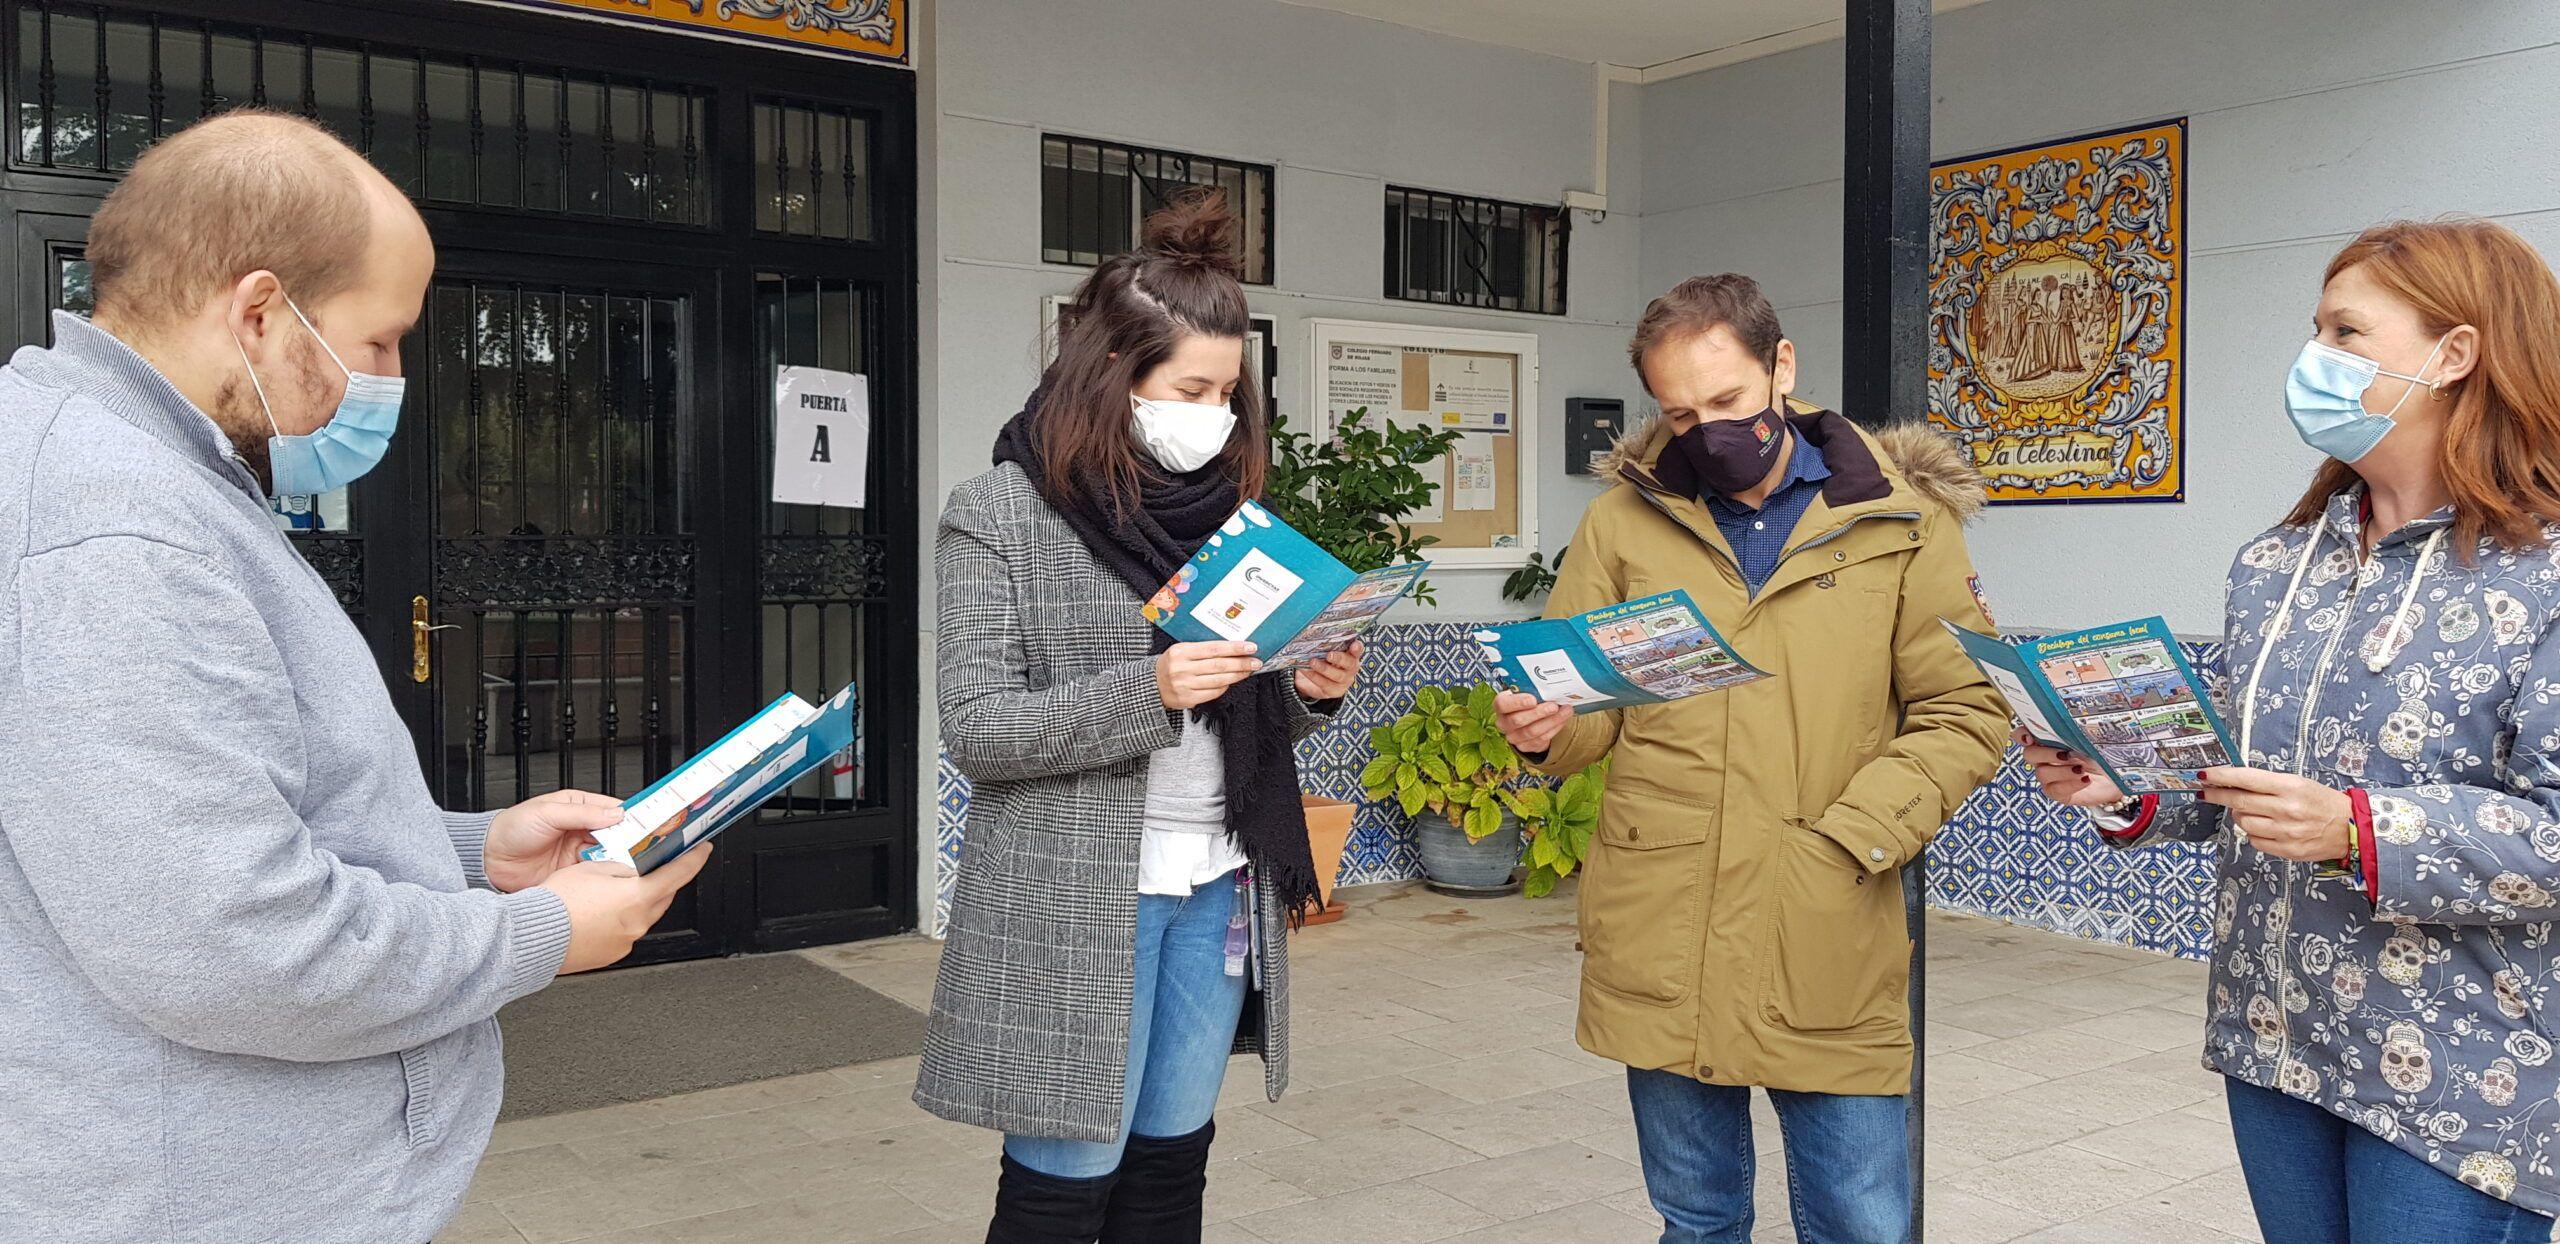 El Ayuntamiento y Comercyas promueven una campaña de fomento del consumo local en 50 centros educativos de Talavera y comarca